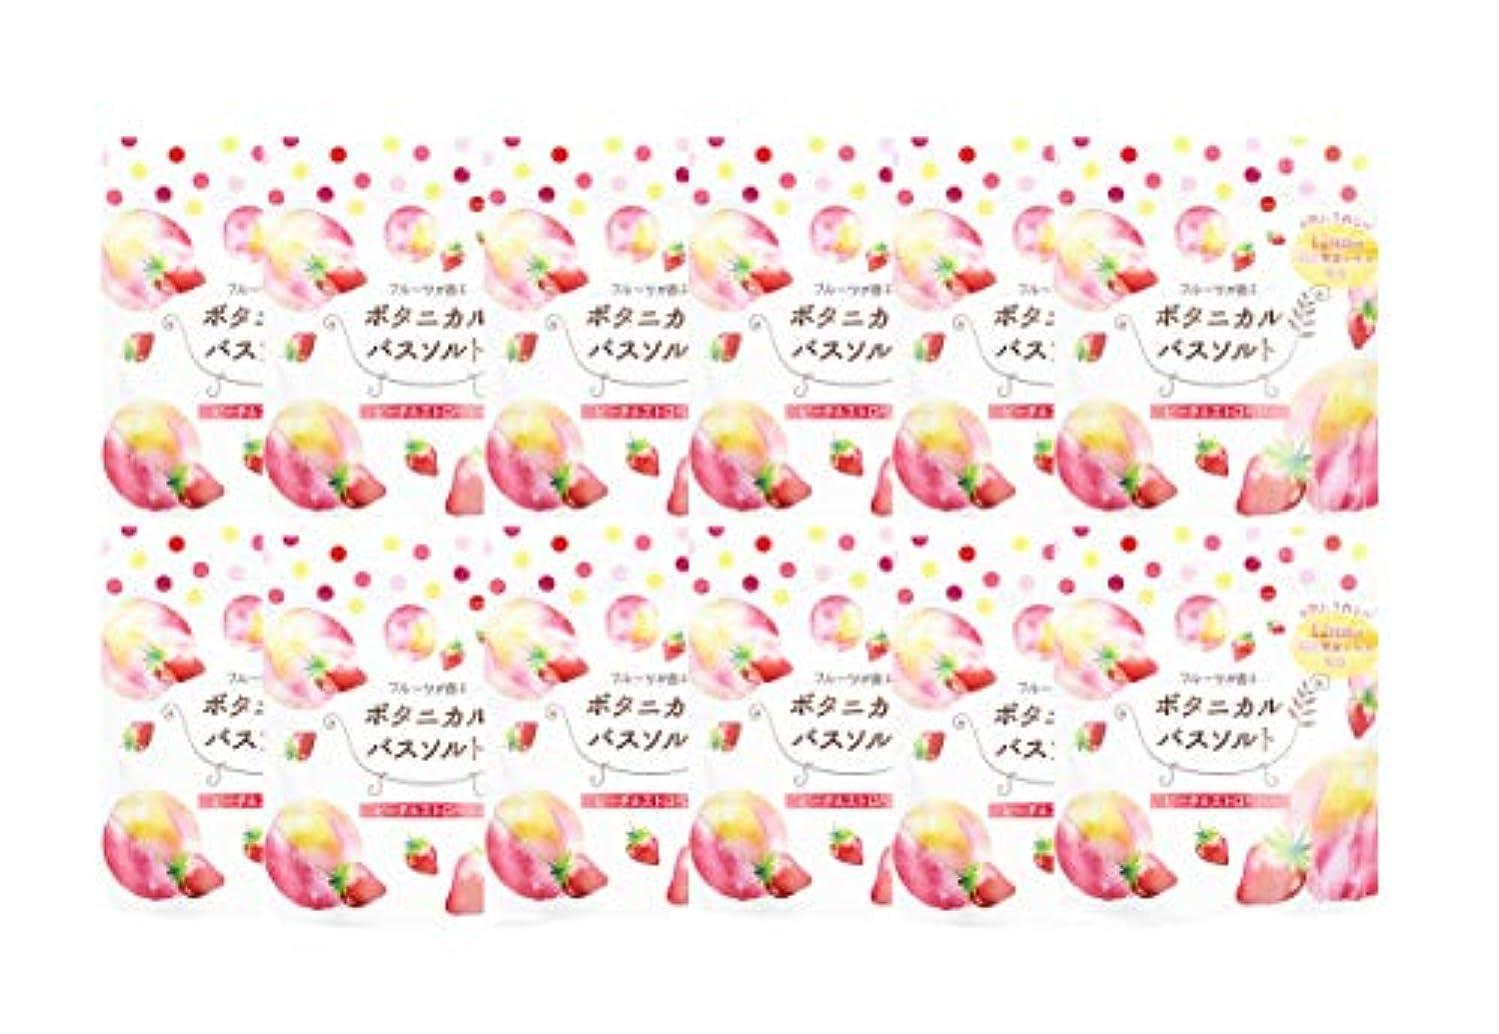 頭痛自由したがって松田医薬品 フルーツが香るボタニカルバスソルト ピーチ&ストロベリー 30g 12個セット